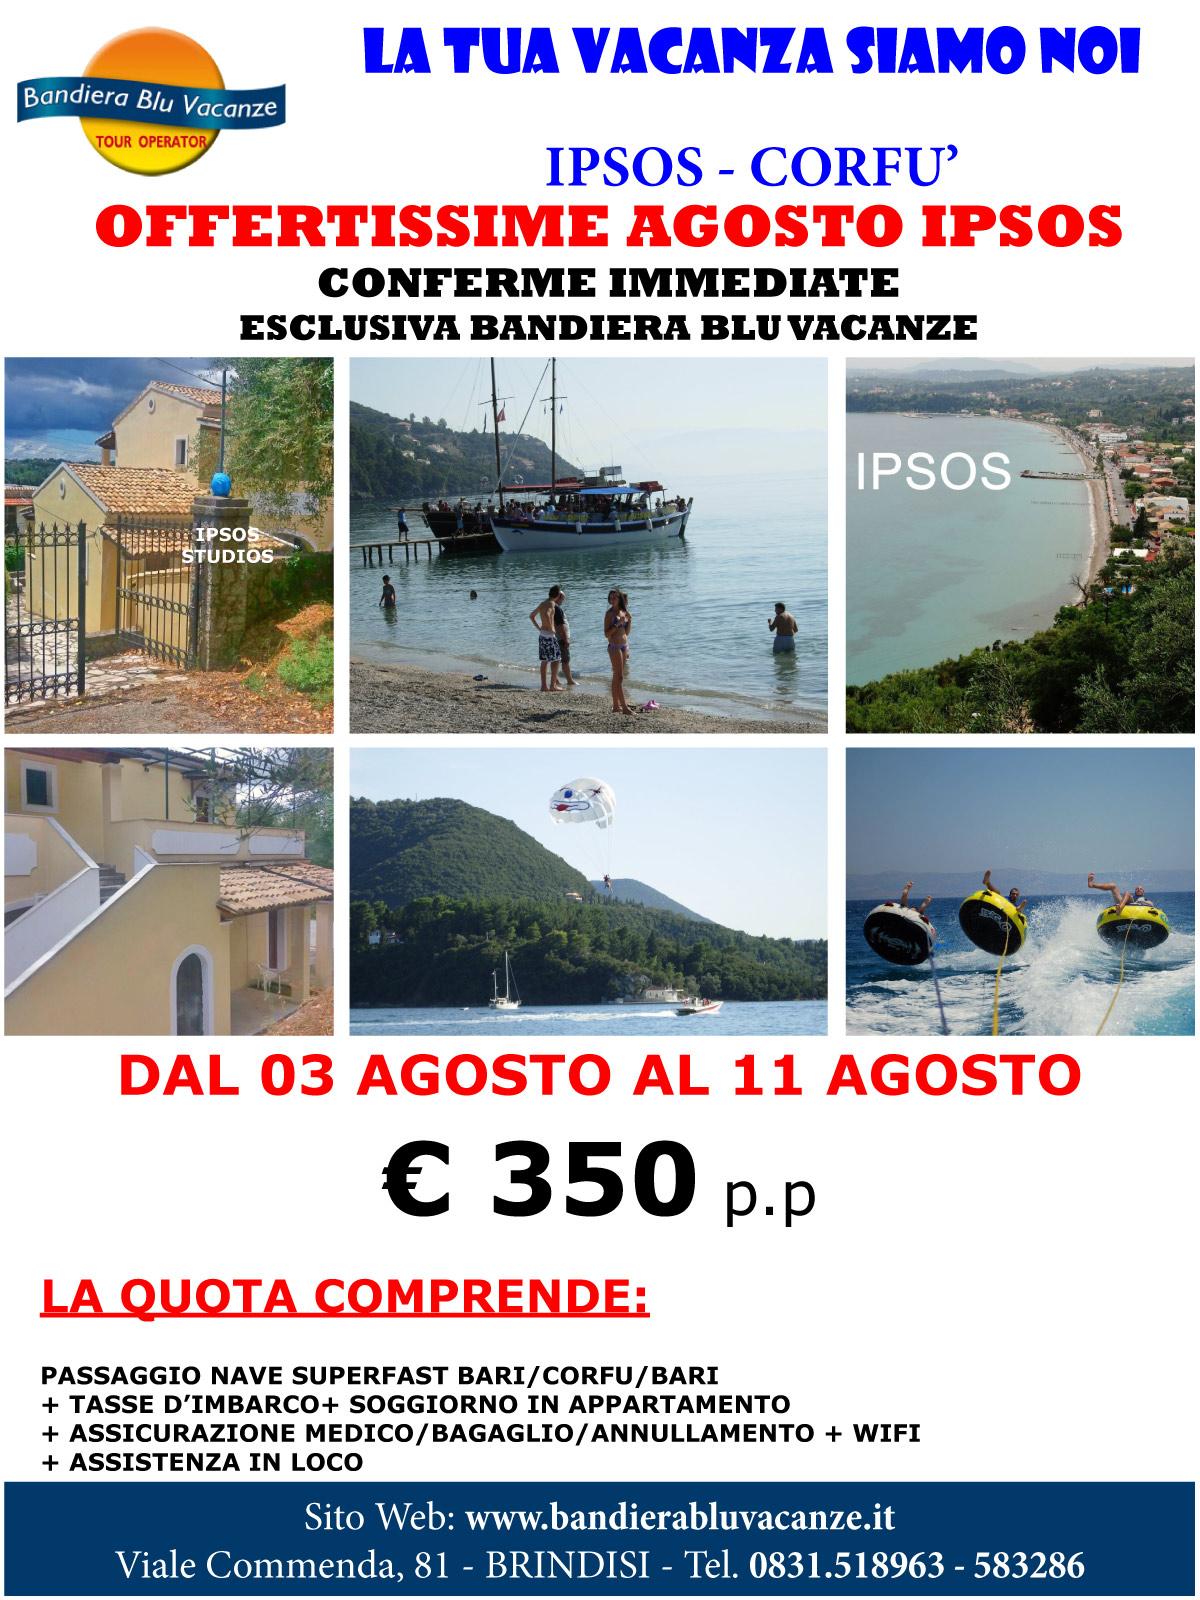 Corfù - Ipsos: La Tua Vacanza Siamo Noi - Dal 03 al 11 Agosto - Appartamenti Ipsos Studios